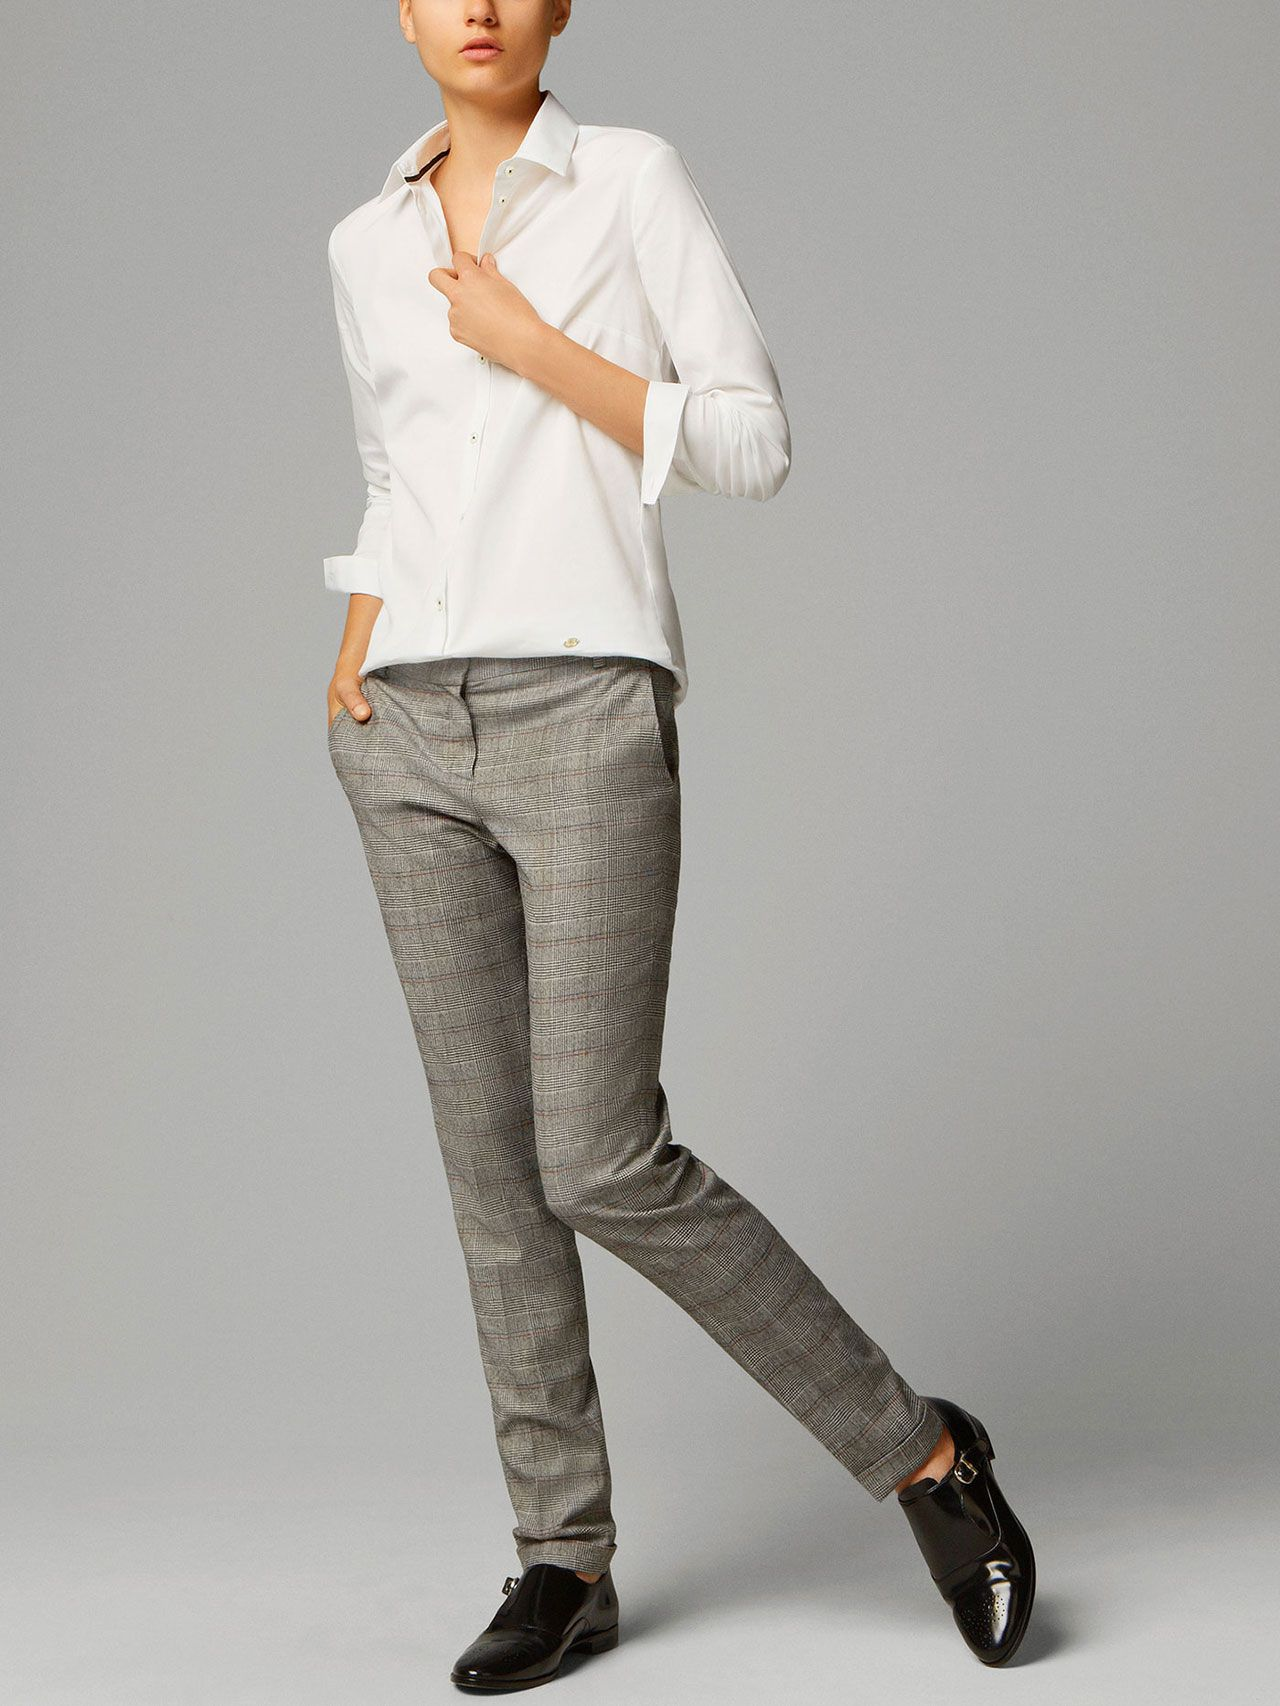 d2ce5a0f24 PRINCE OF WALES CHECK SUIT TROUSERS Pantalones De Cuadros